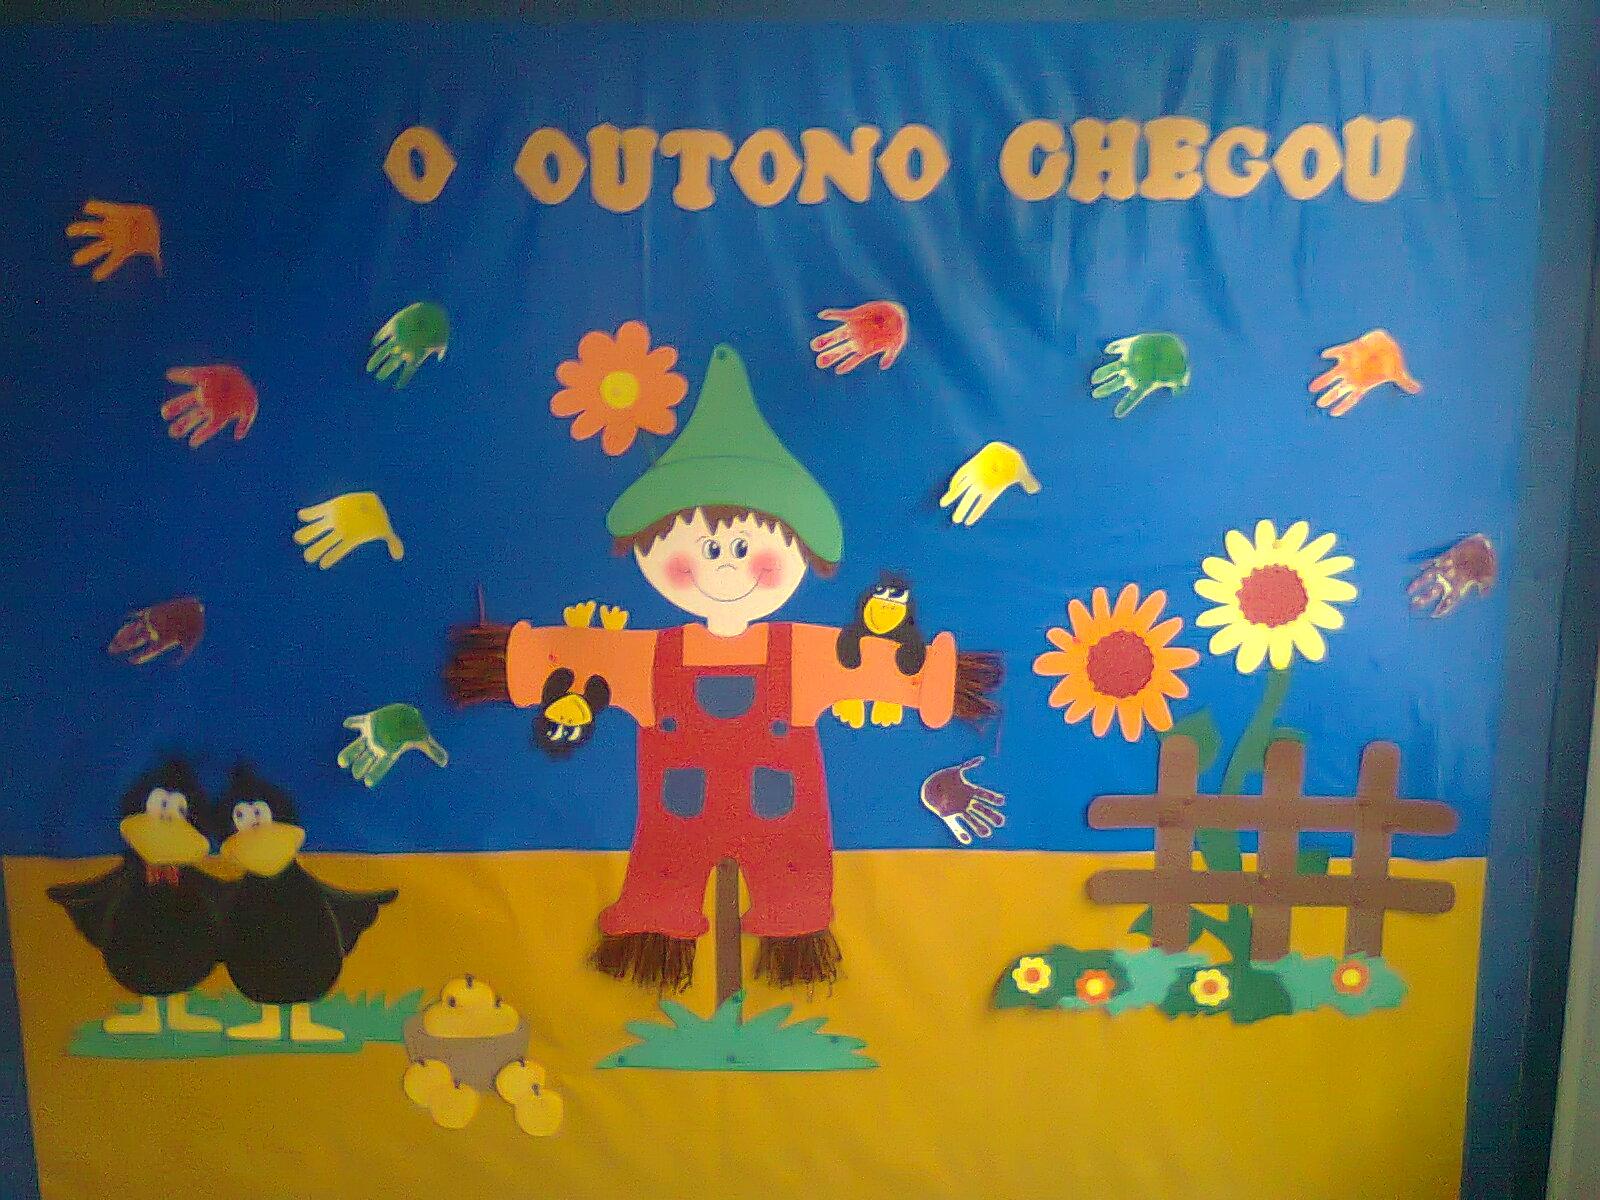 ideias para o outono jardim de infancia : ideias para o outono jardim de infancia:Duendes Mágicos Artes @: Ideias para quadros / placares de Outono